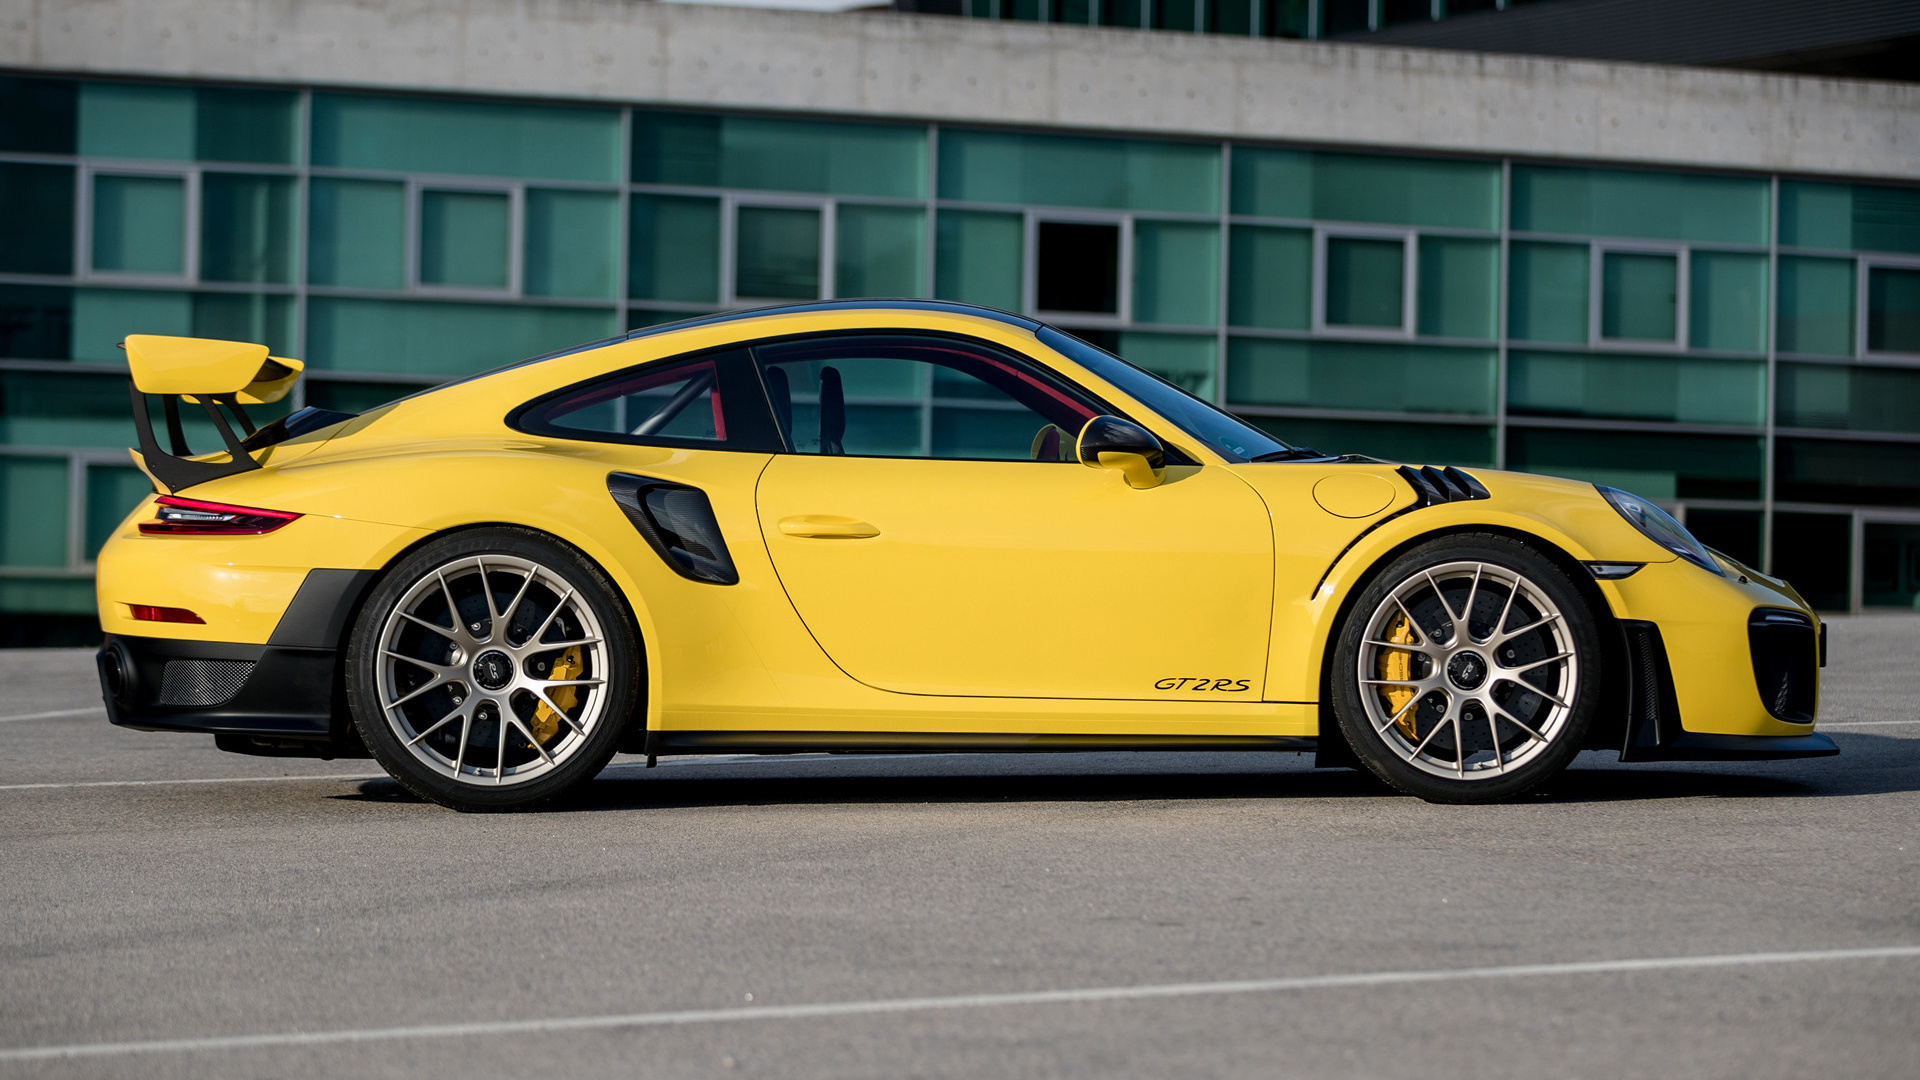 porsche-911-gt2-rs-wallpaper-hd-74375 Outstanding Porsche 911 Gt2 Wheel Au Cars Trend